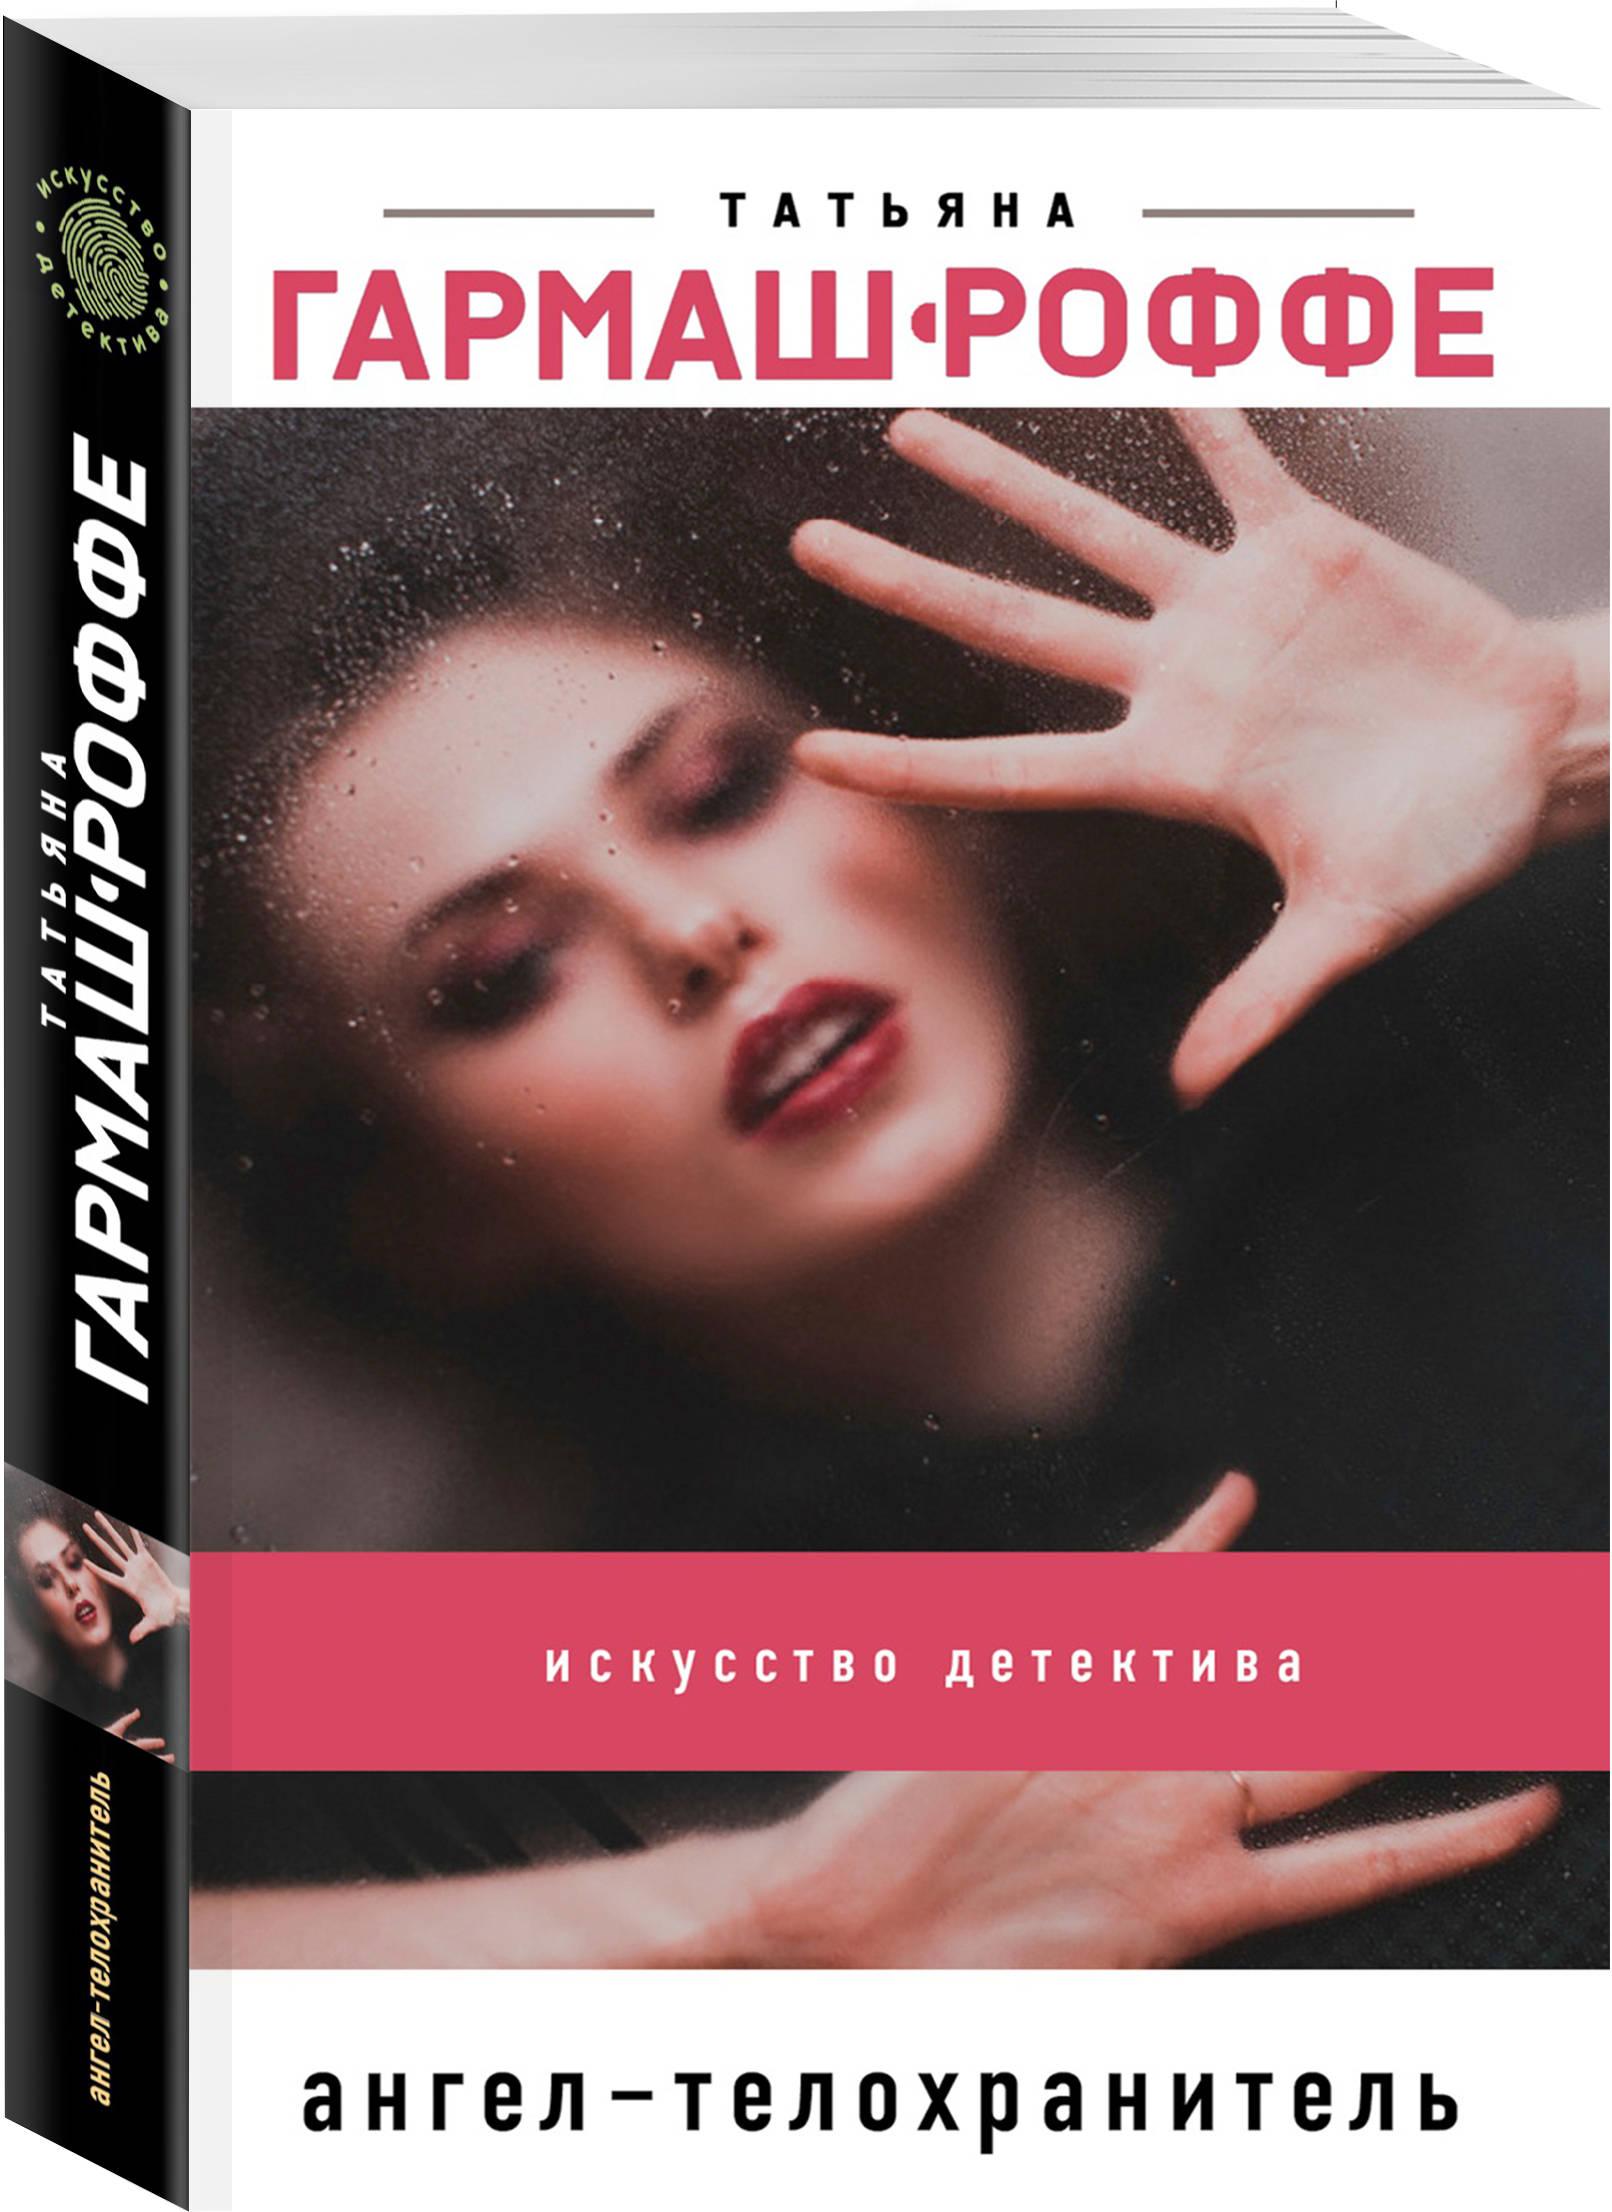 Татьяна Гармаш-Роффе Ангел-телохранитель